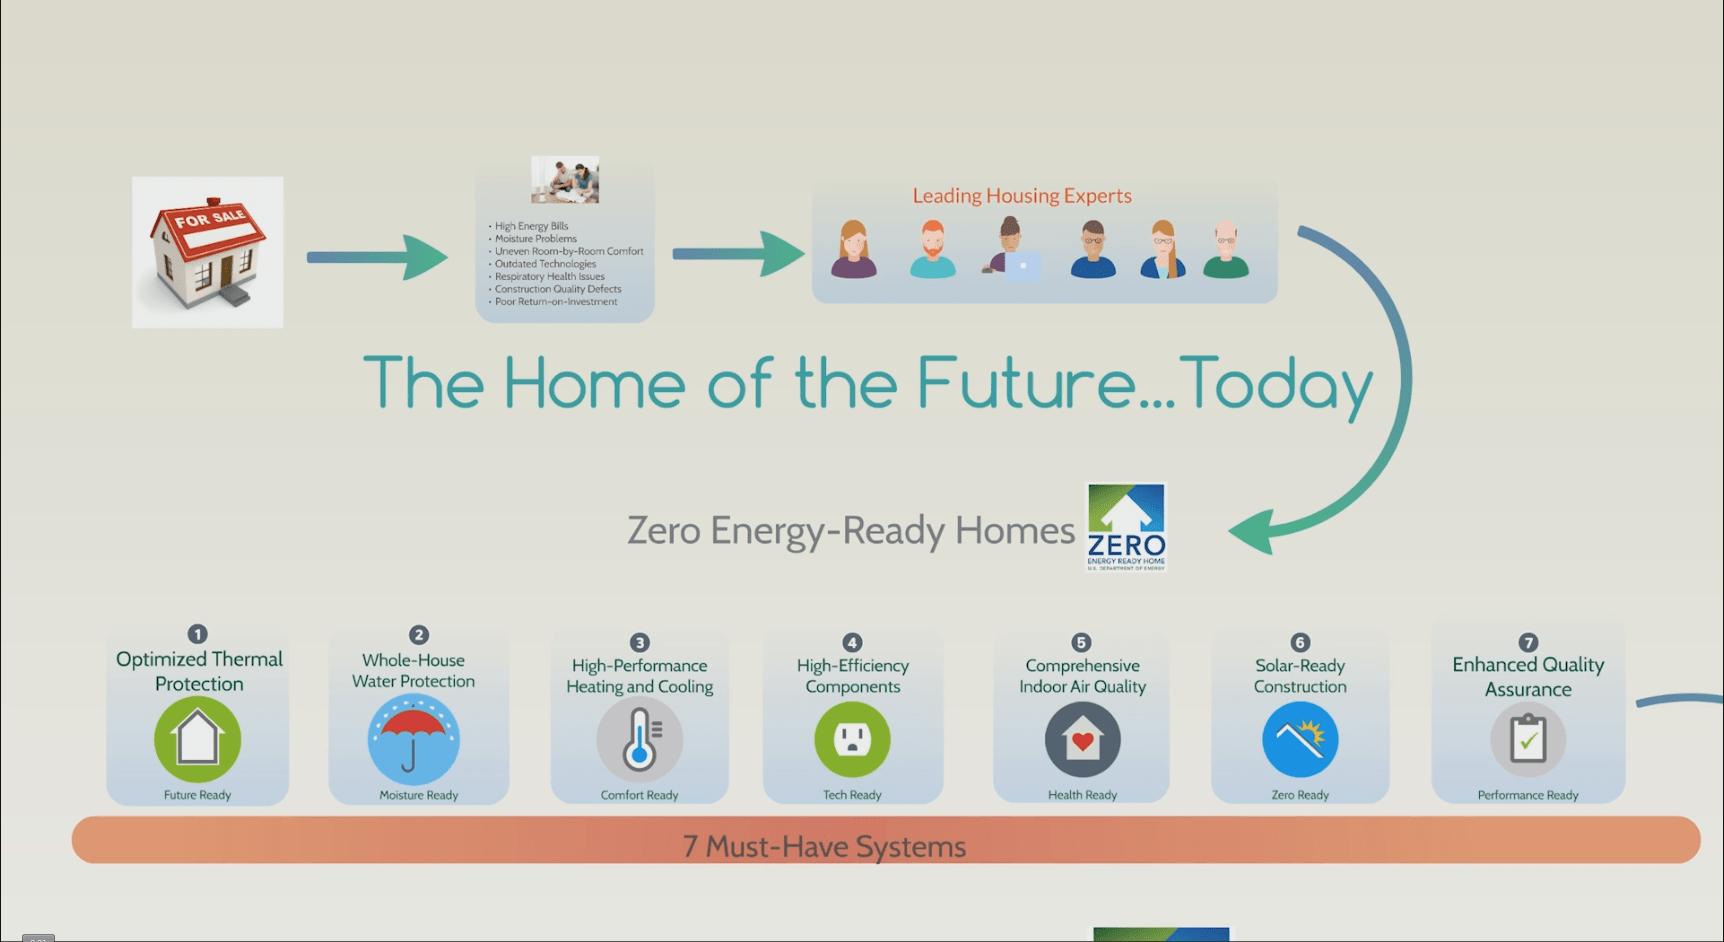 ZERO ENERGY HOMES - Fiore Construction